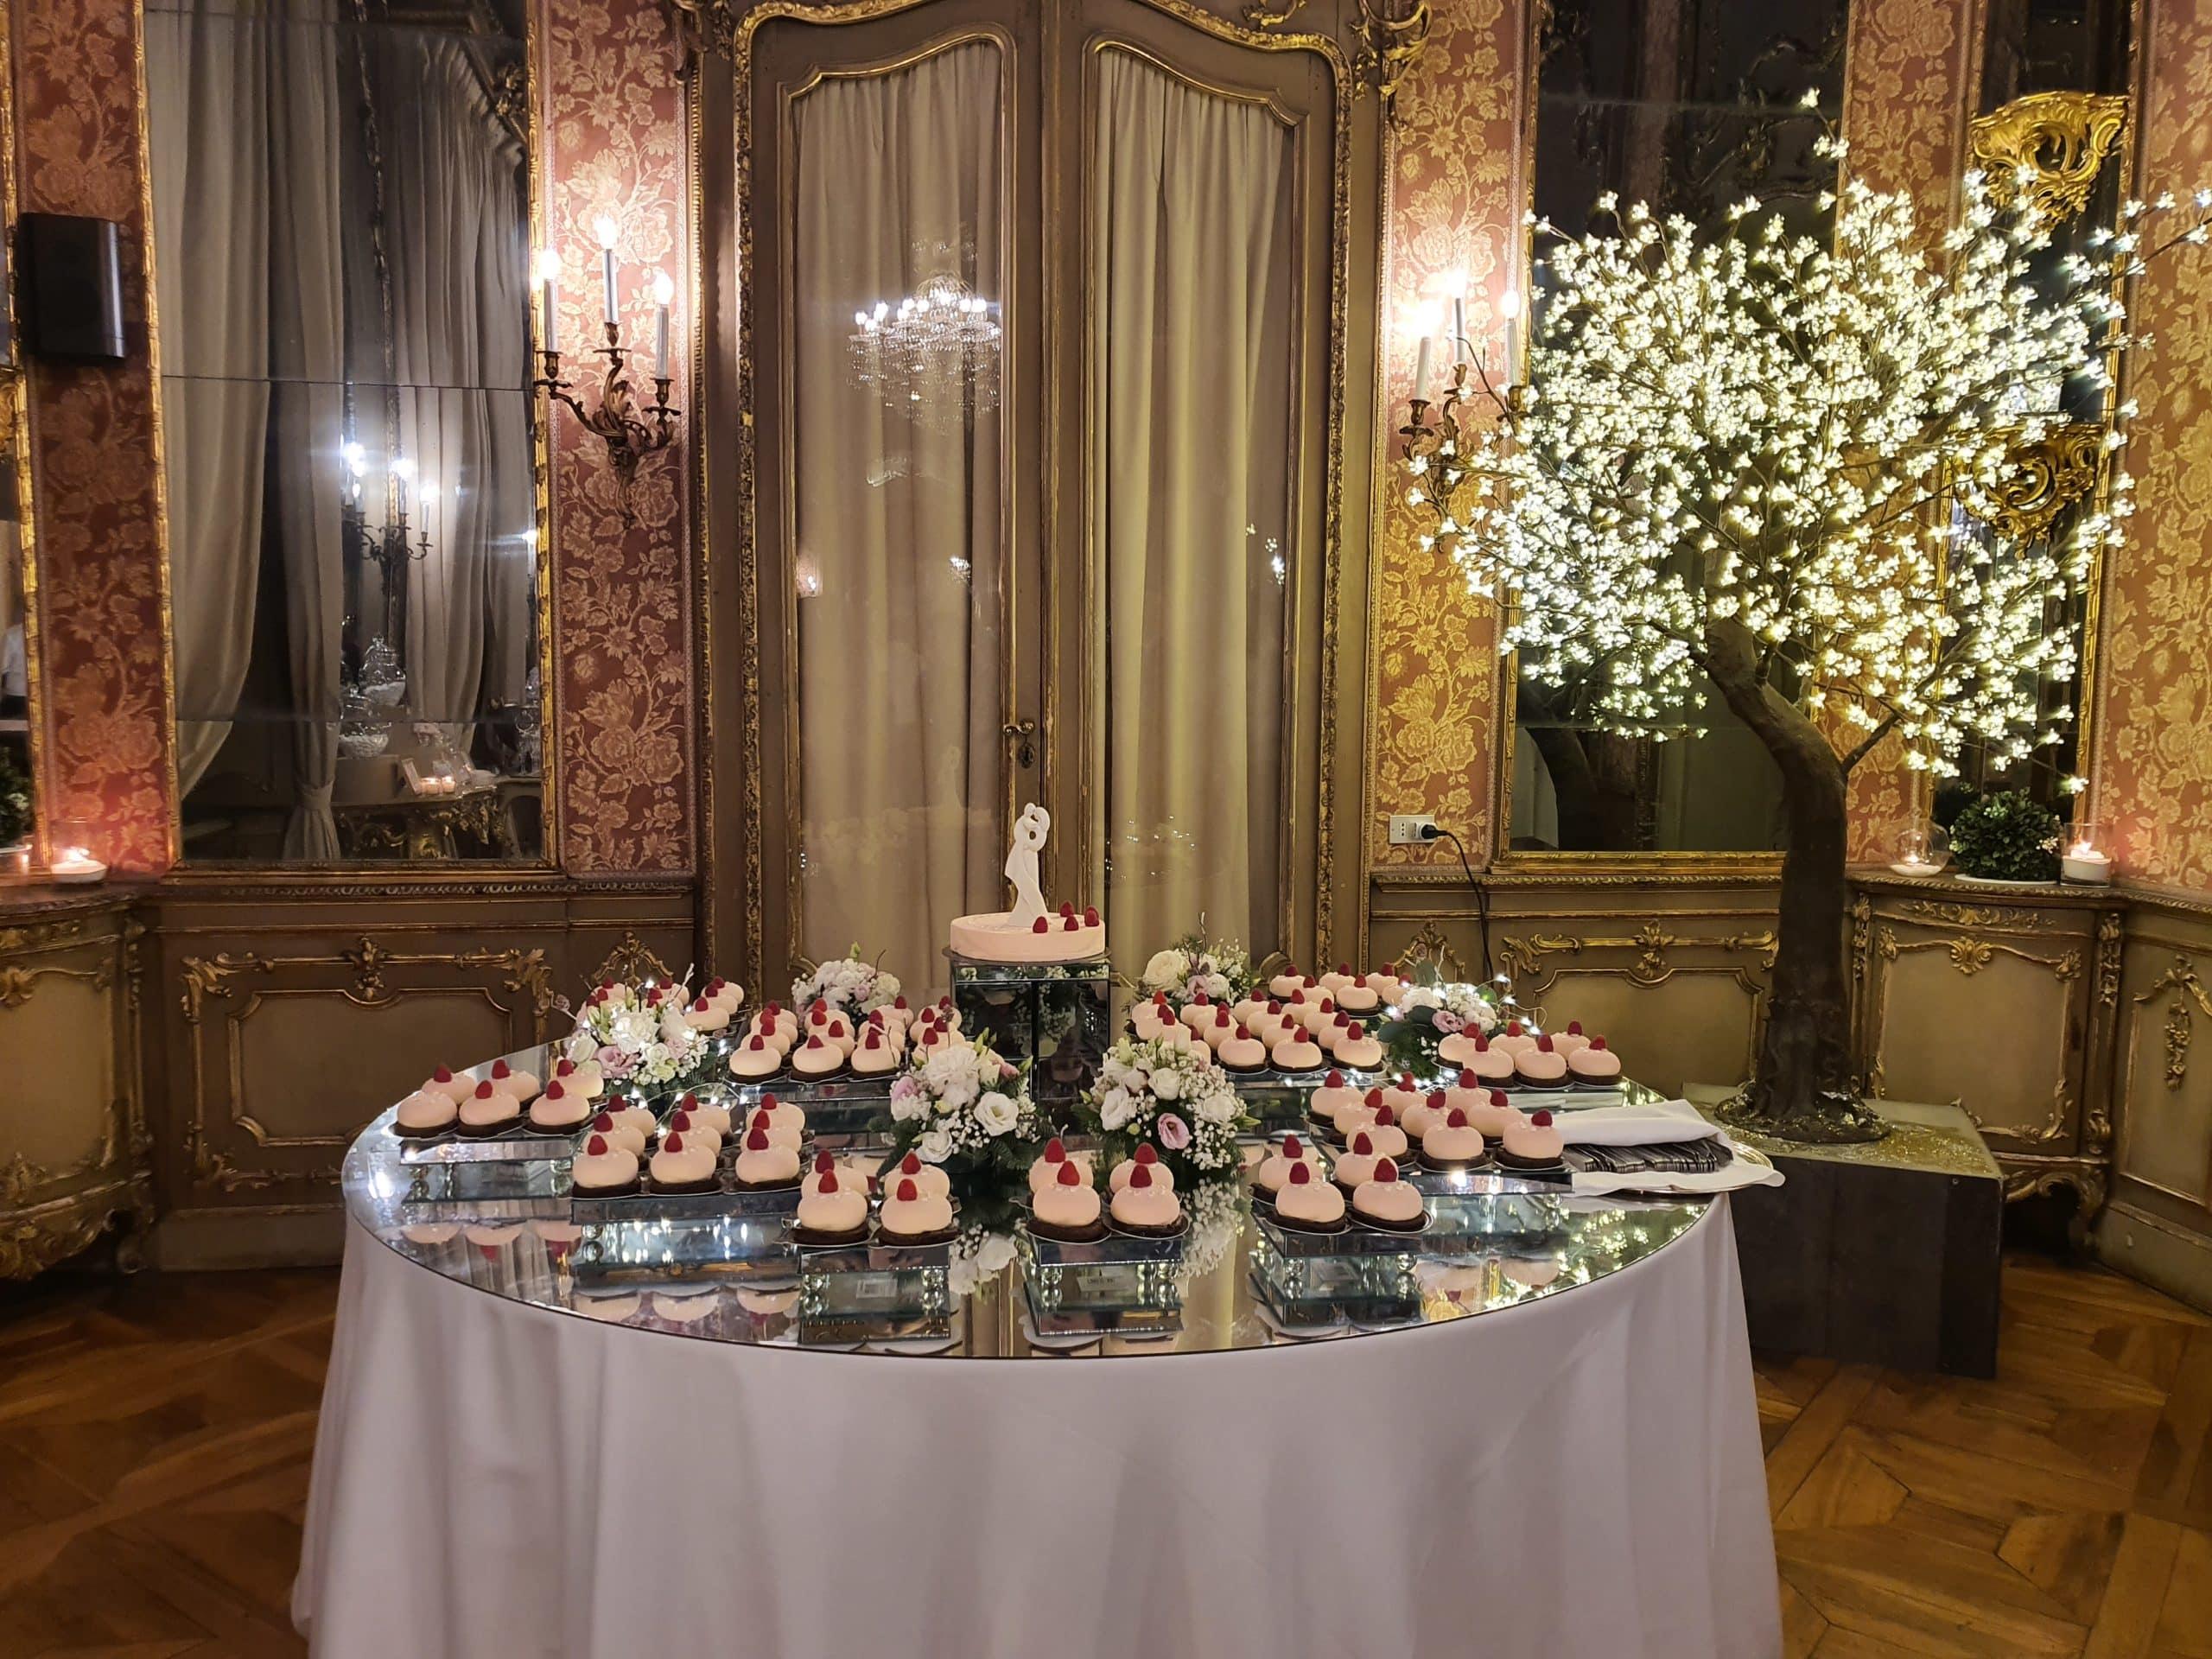 tavolo a specchio per monoporzioni e torta nuziale 2